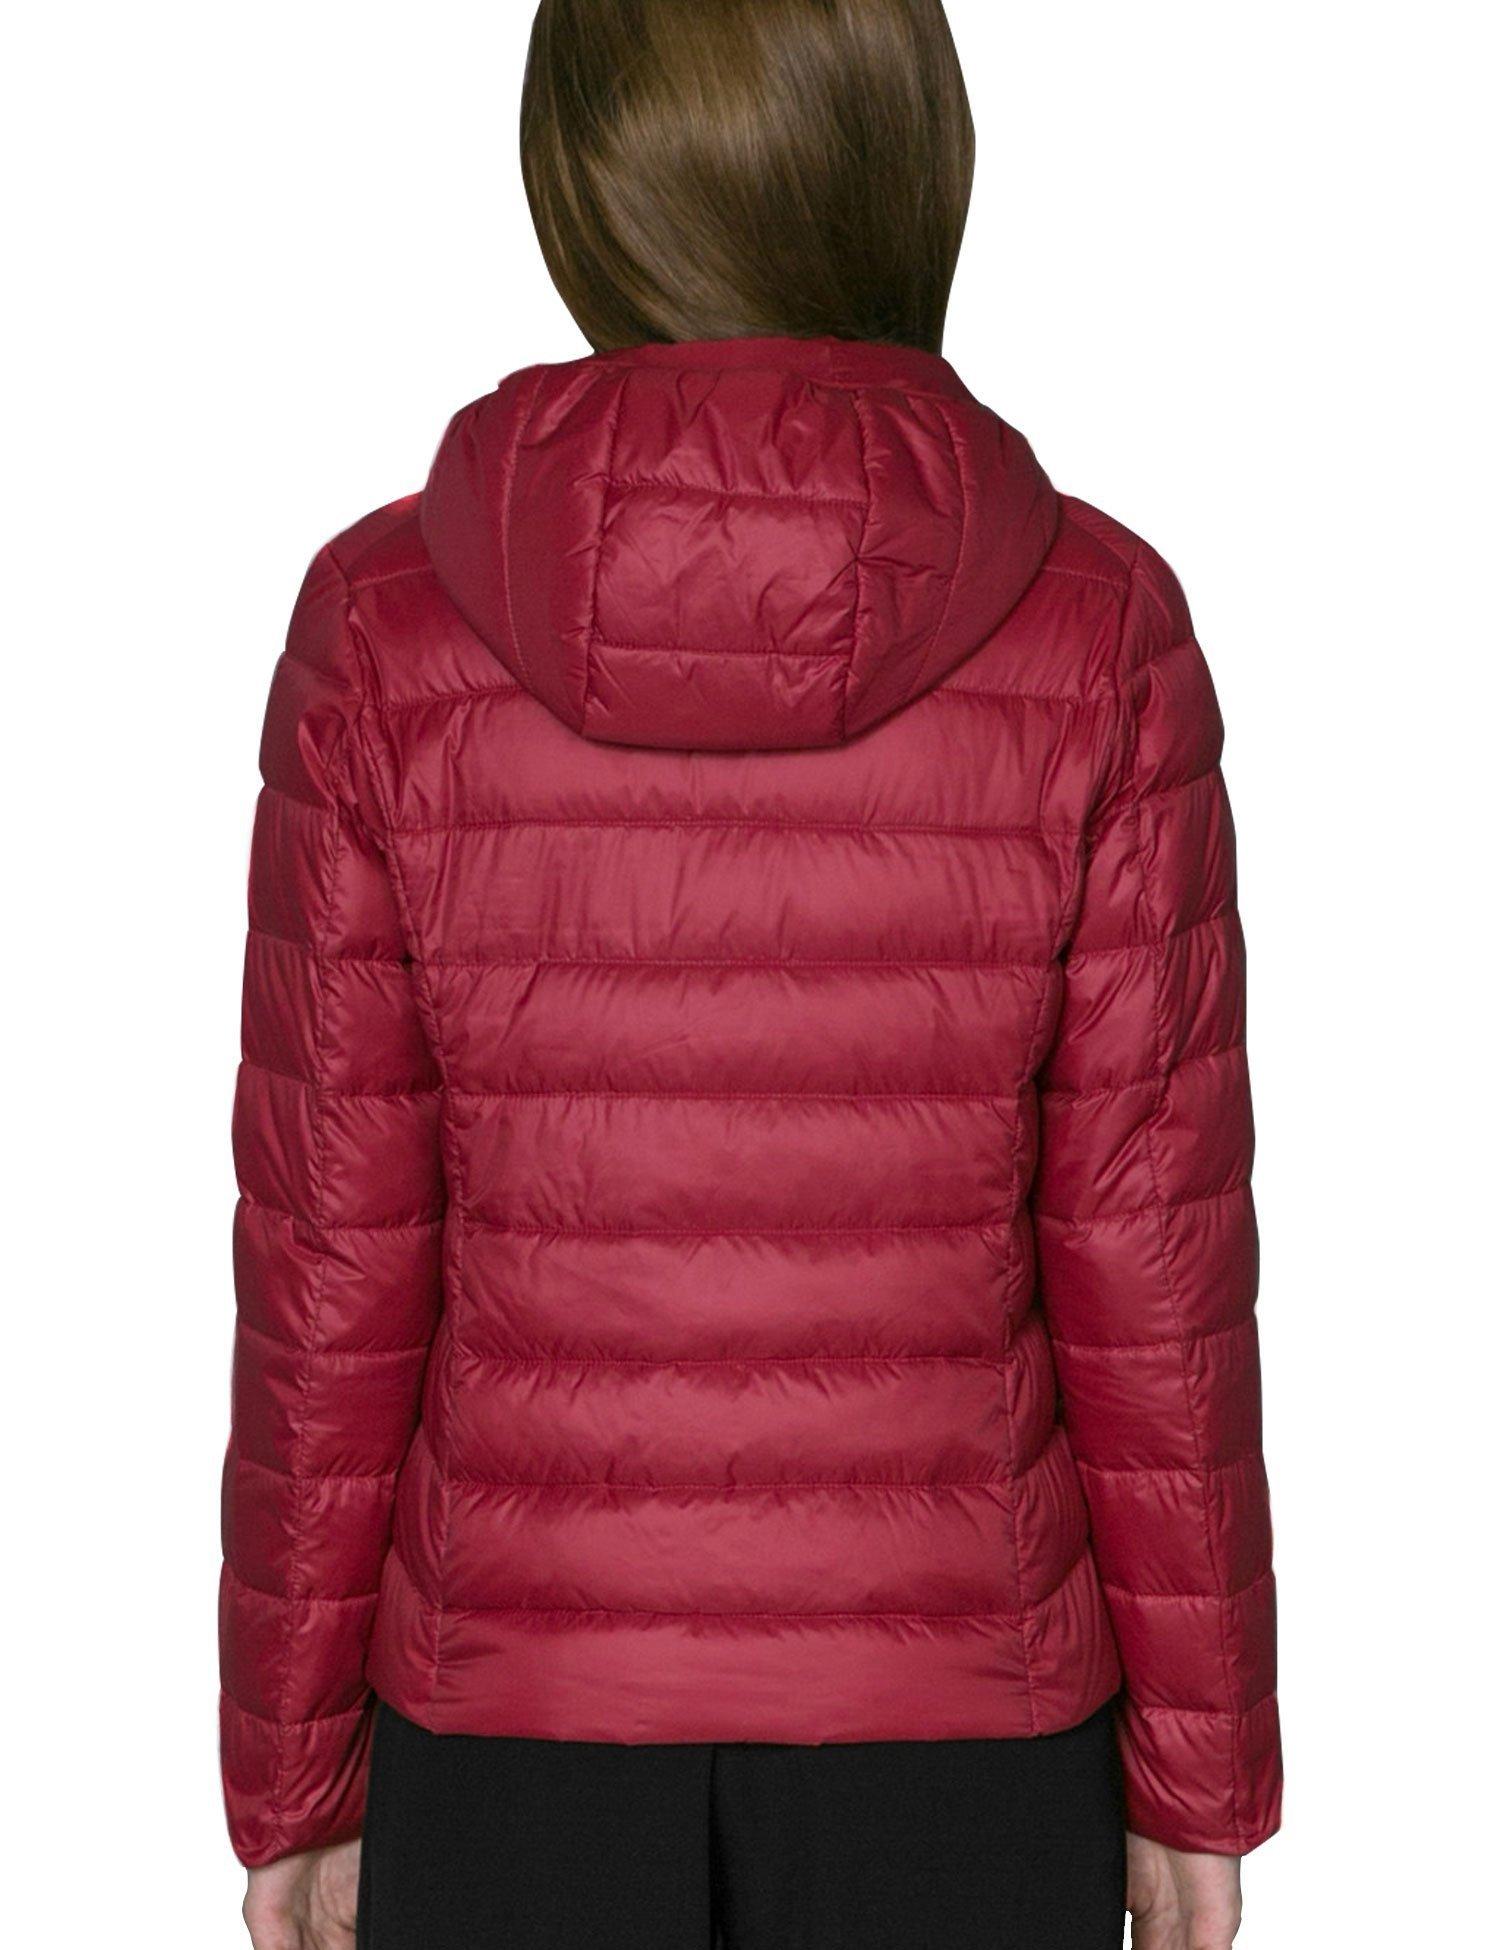 CHERRY CHICK Ultralight, Packable Women's Puffer Down Hooded Parka Jacket (XL, Matt Red-LD)